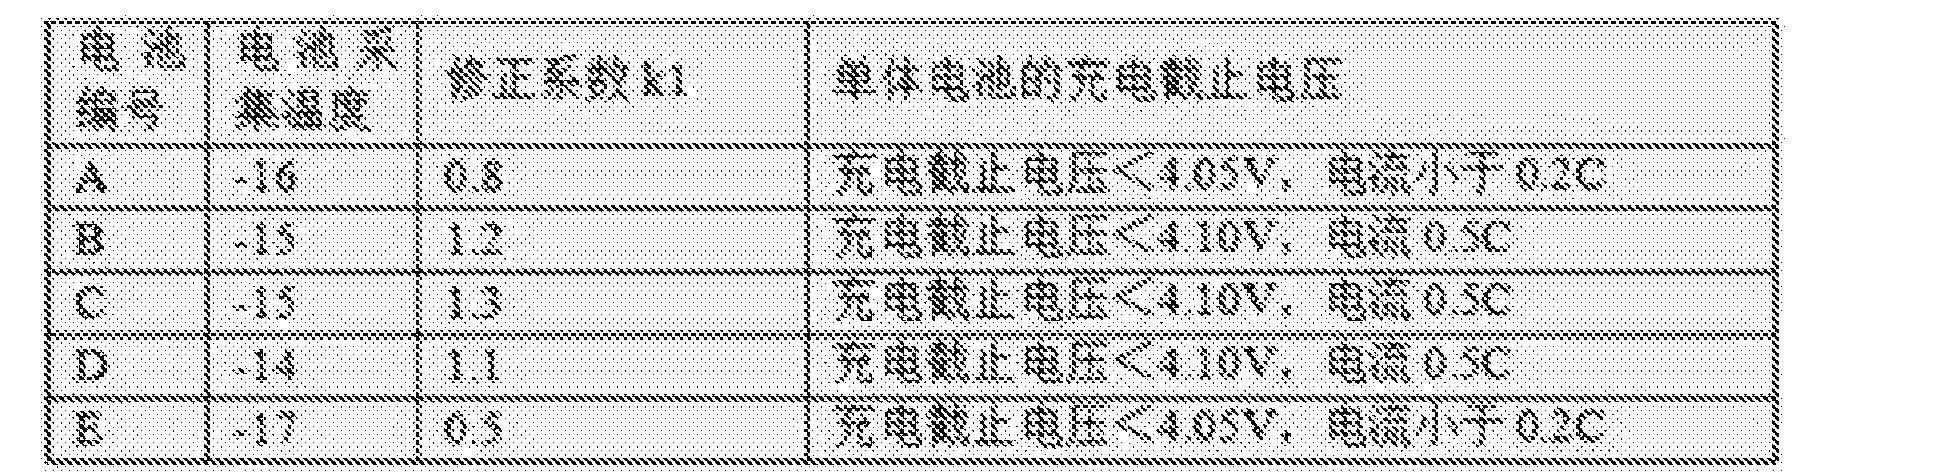 Figure CN105539183BD00071